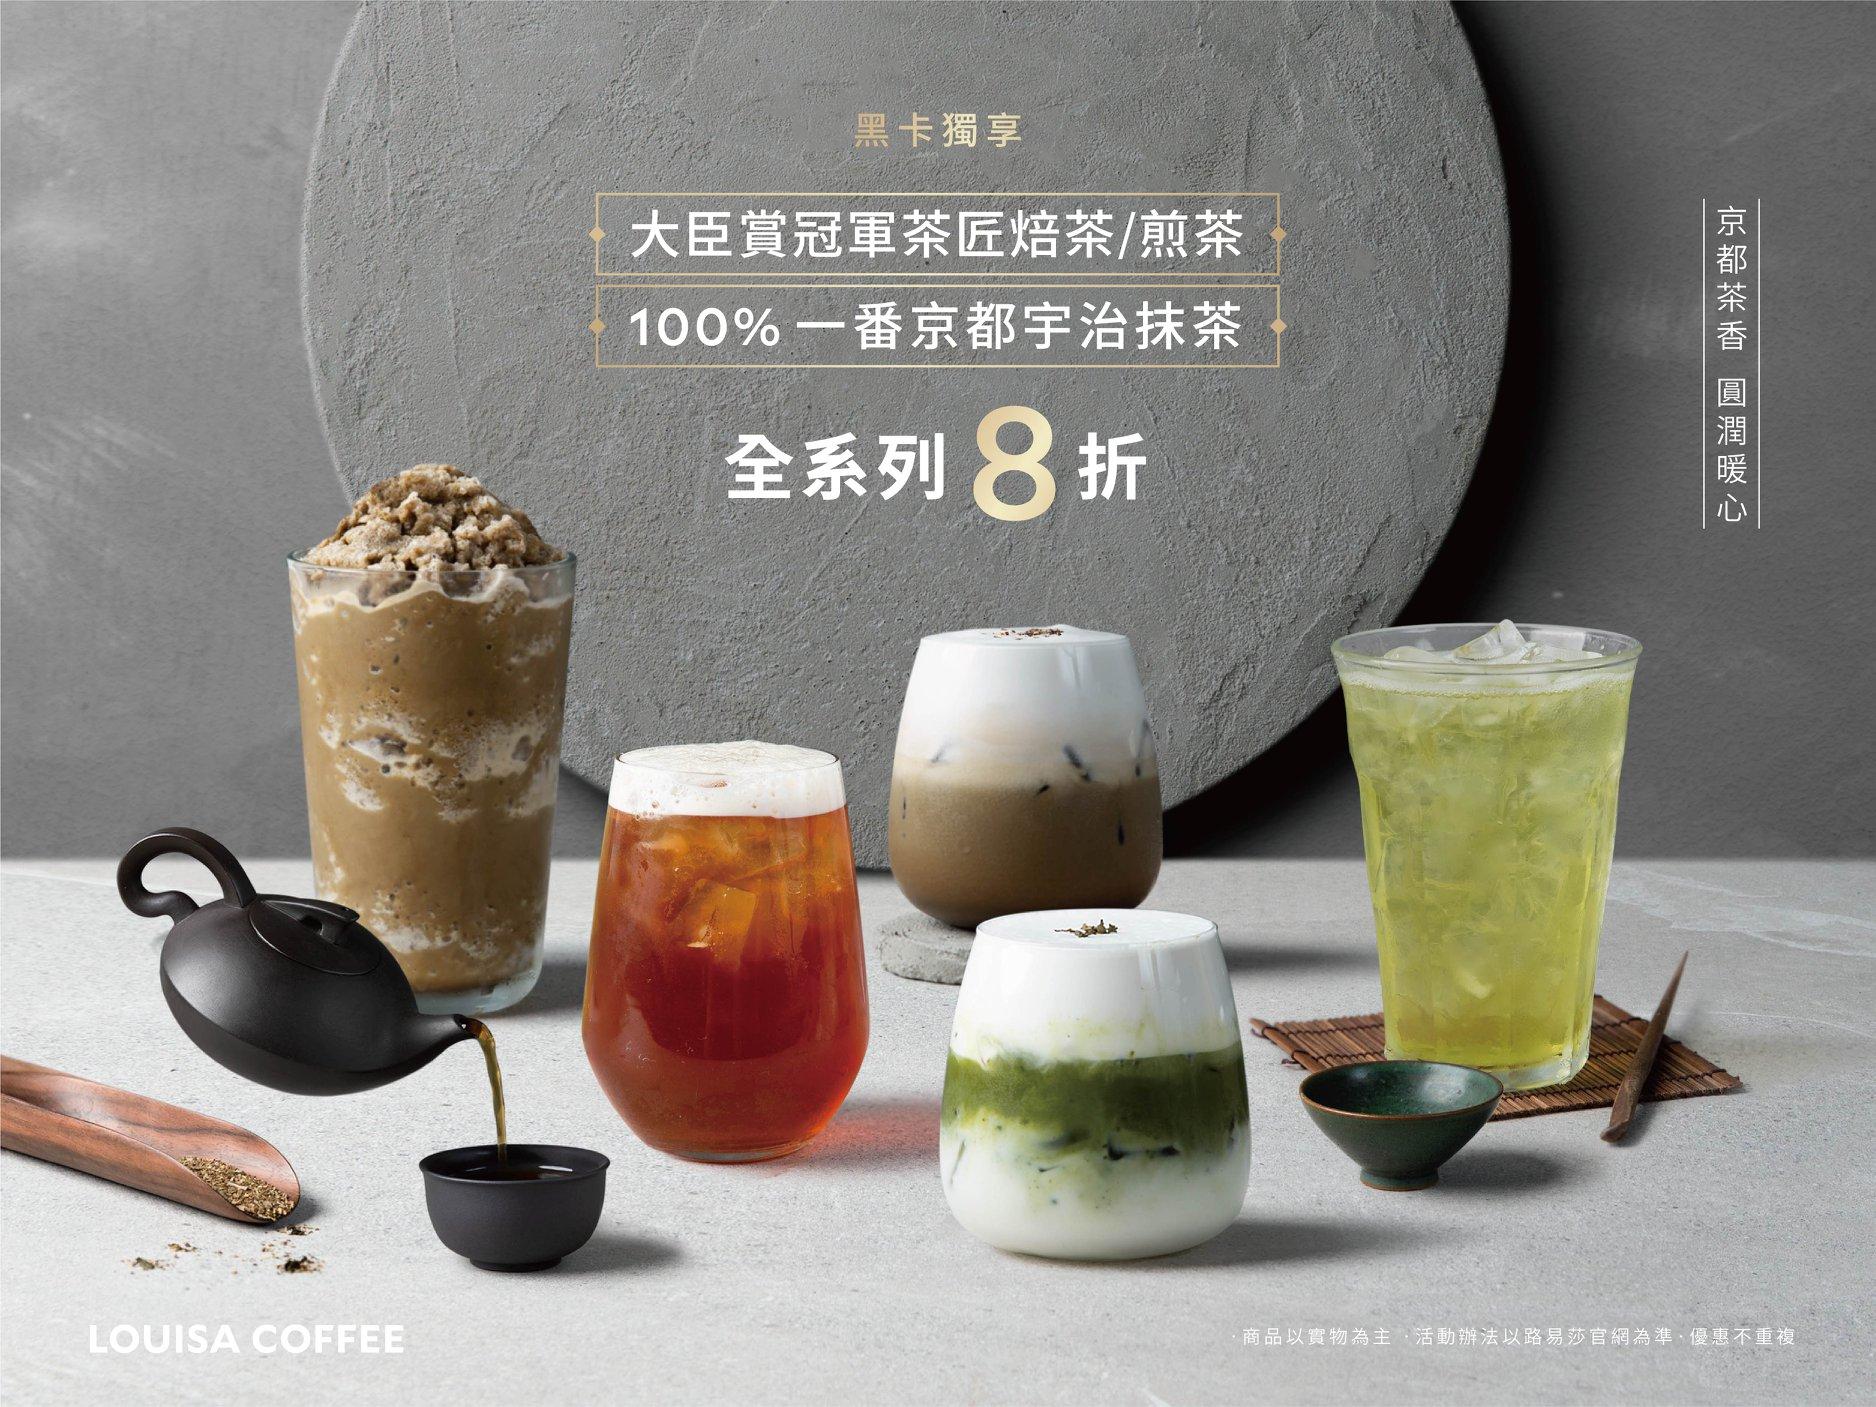 路易莎『大臣賞煎焙茶系列』&『100%一番抹茶』黑卡獨享全系列八折!